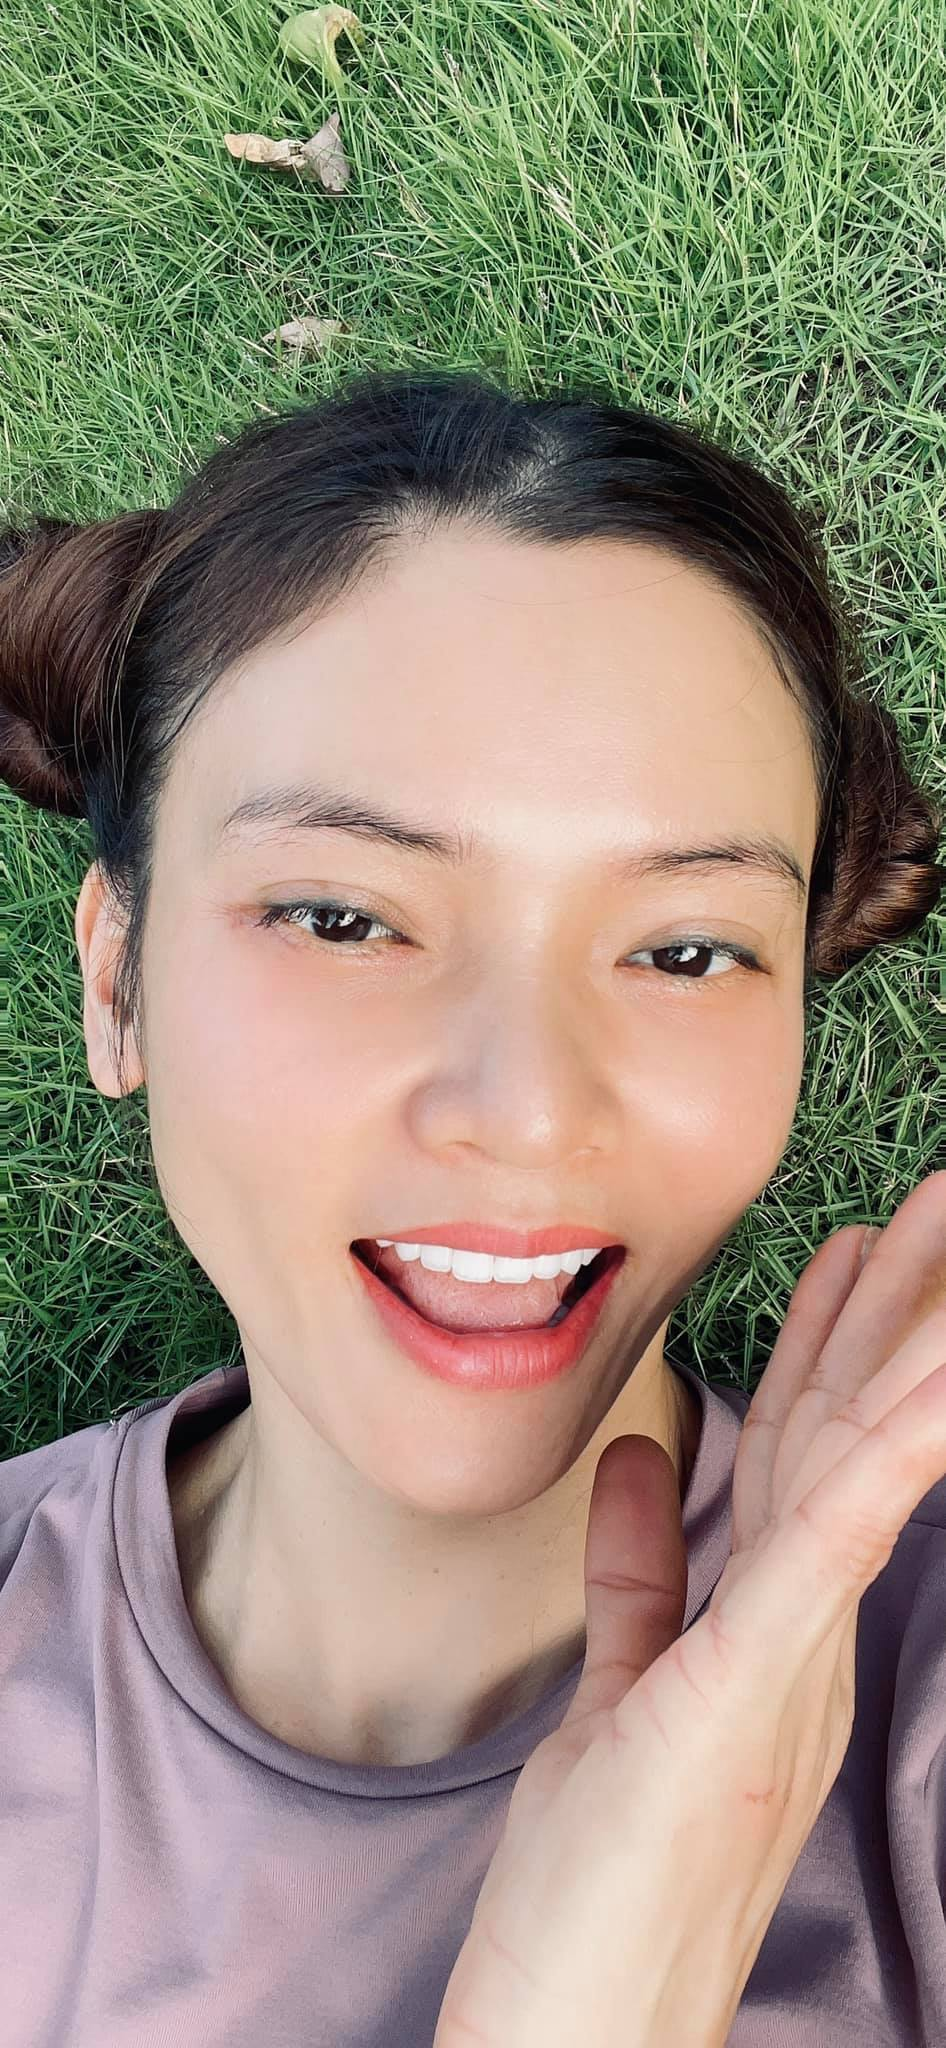 Phạm Phương Thảo selfie trên thảm cỏ.